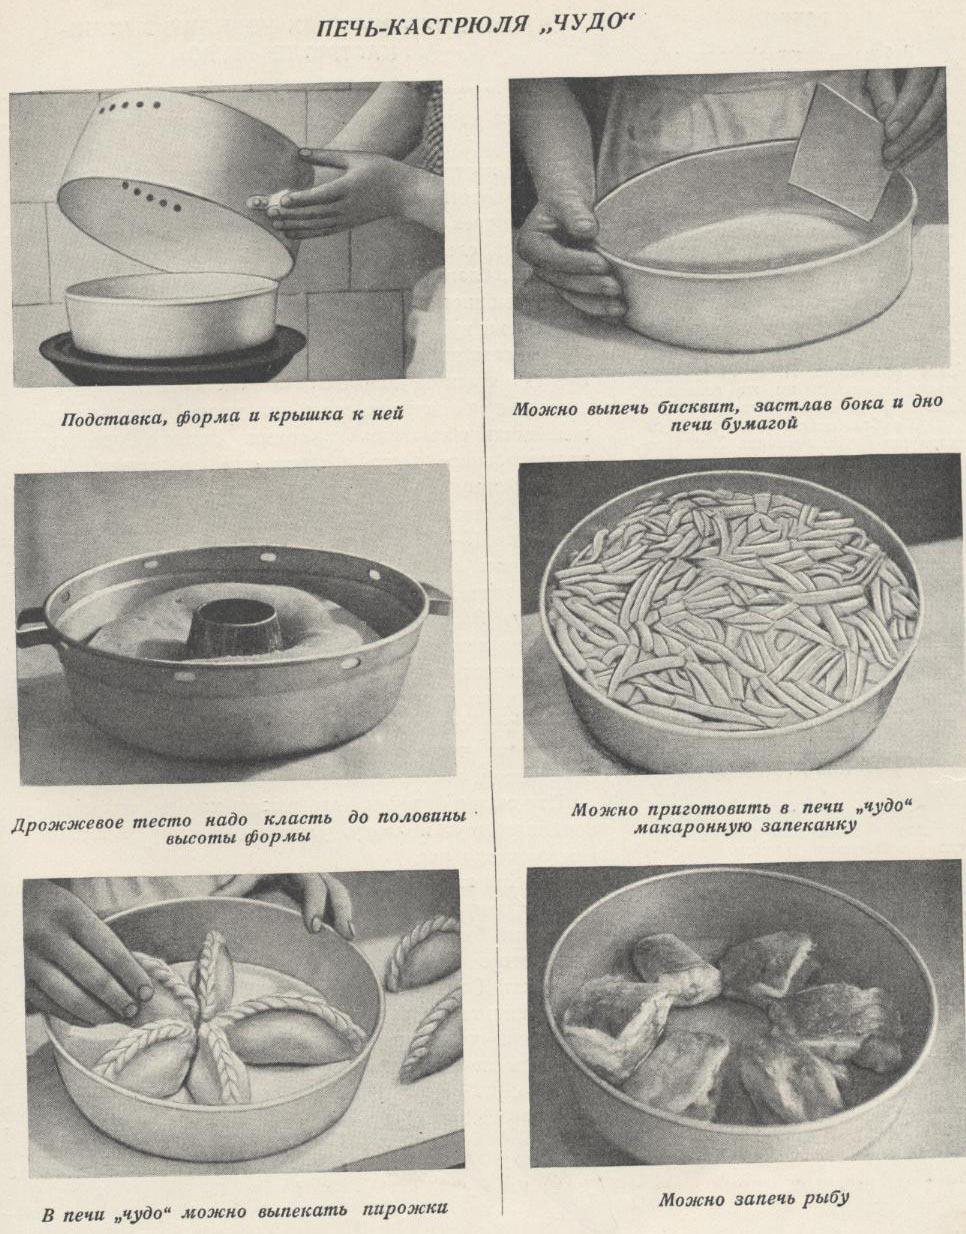 ДИЕТА.ру, Книга о вкусной и здоровой пище, рис. стр. 301